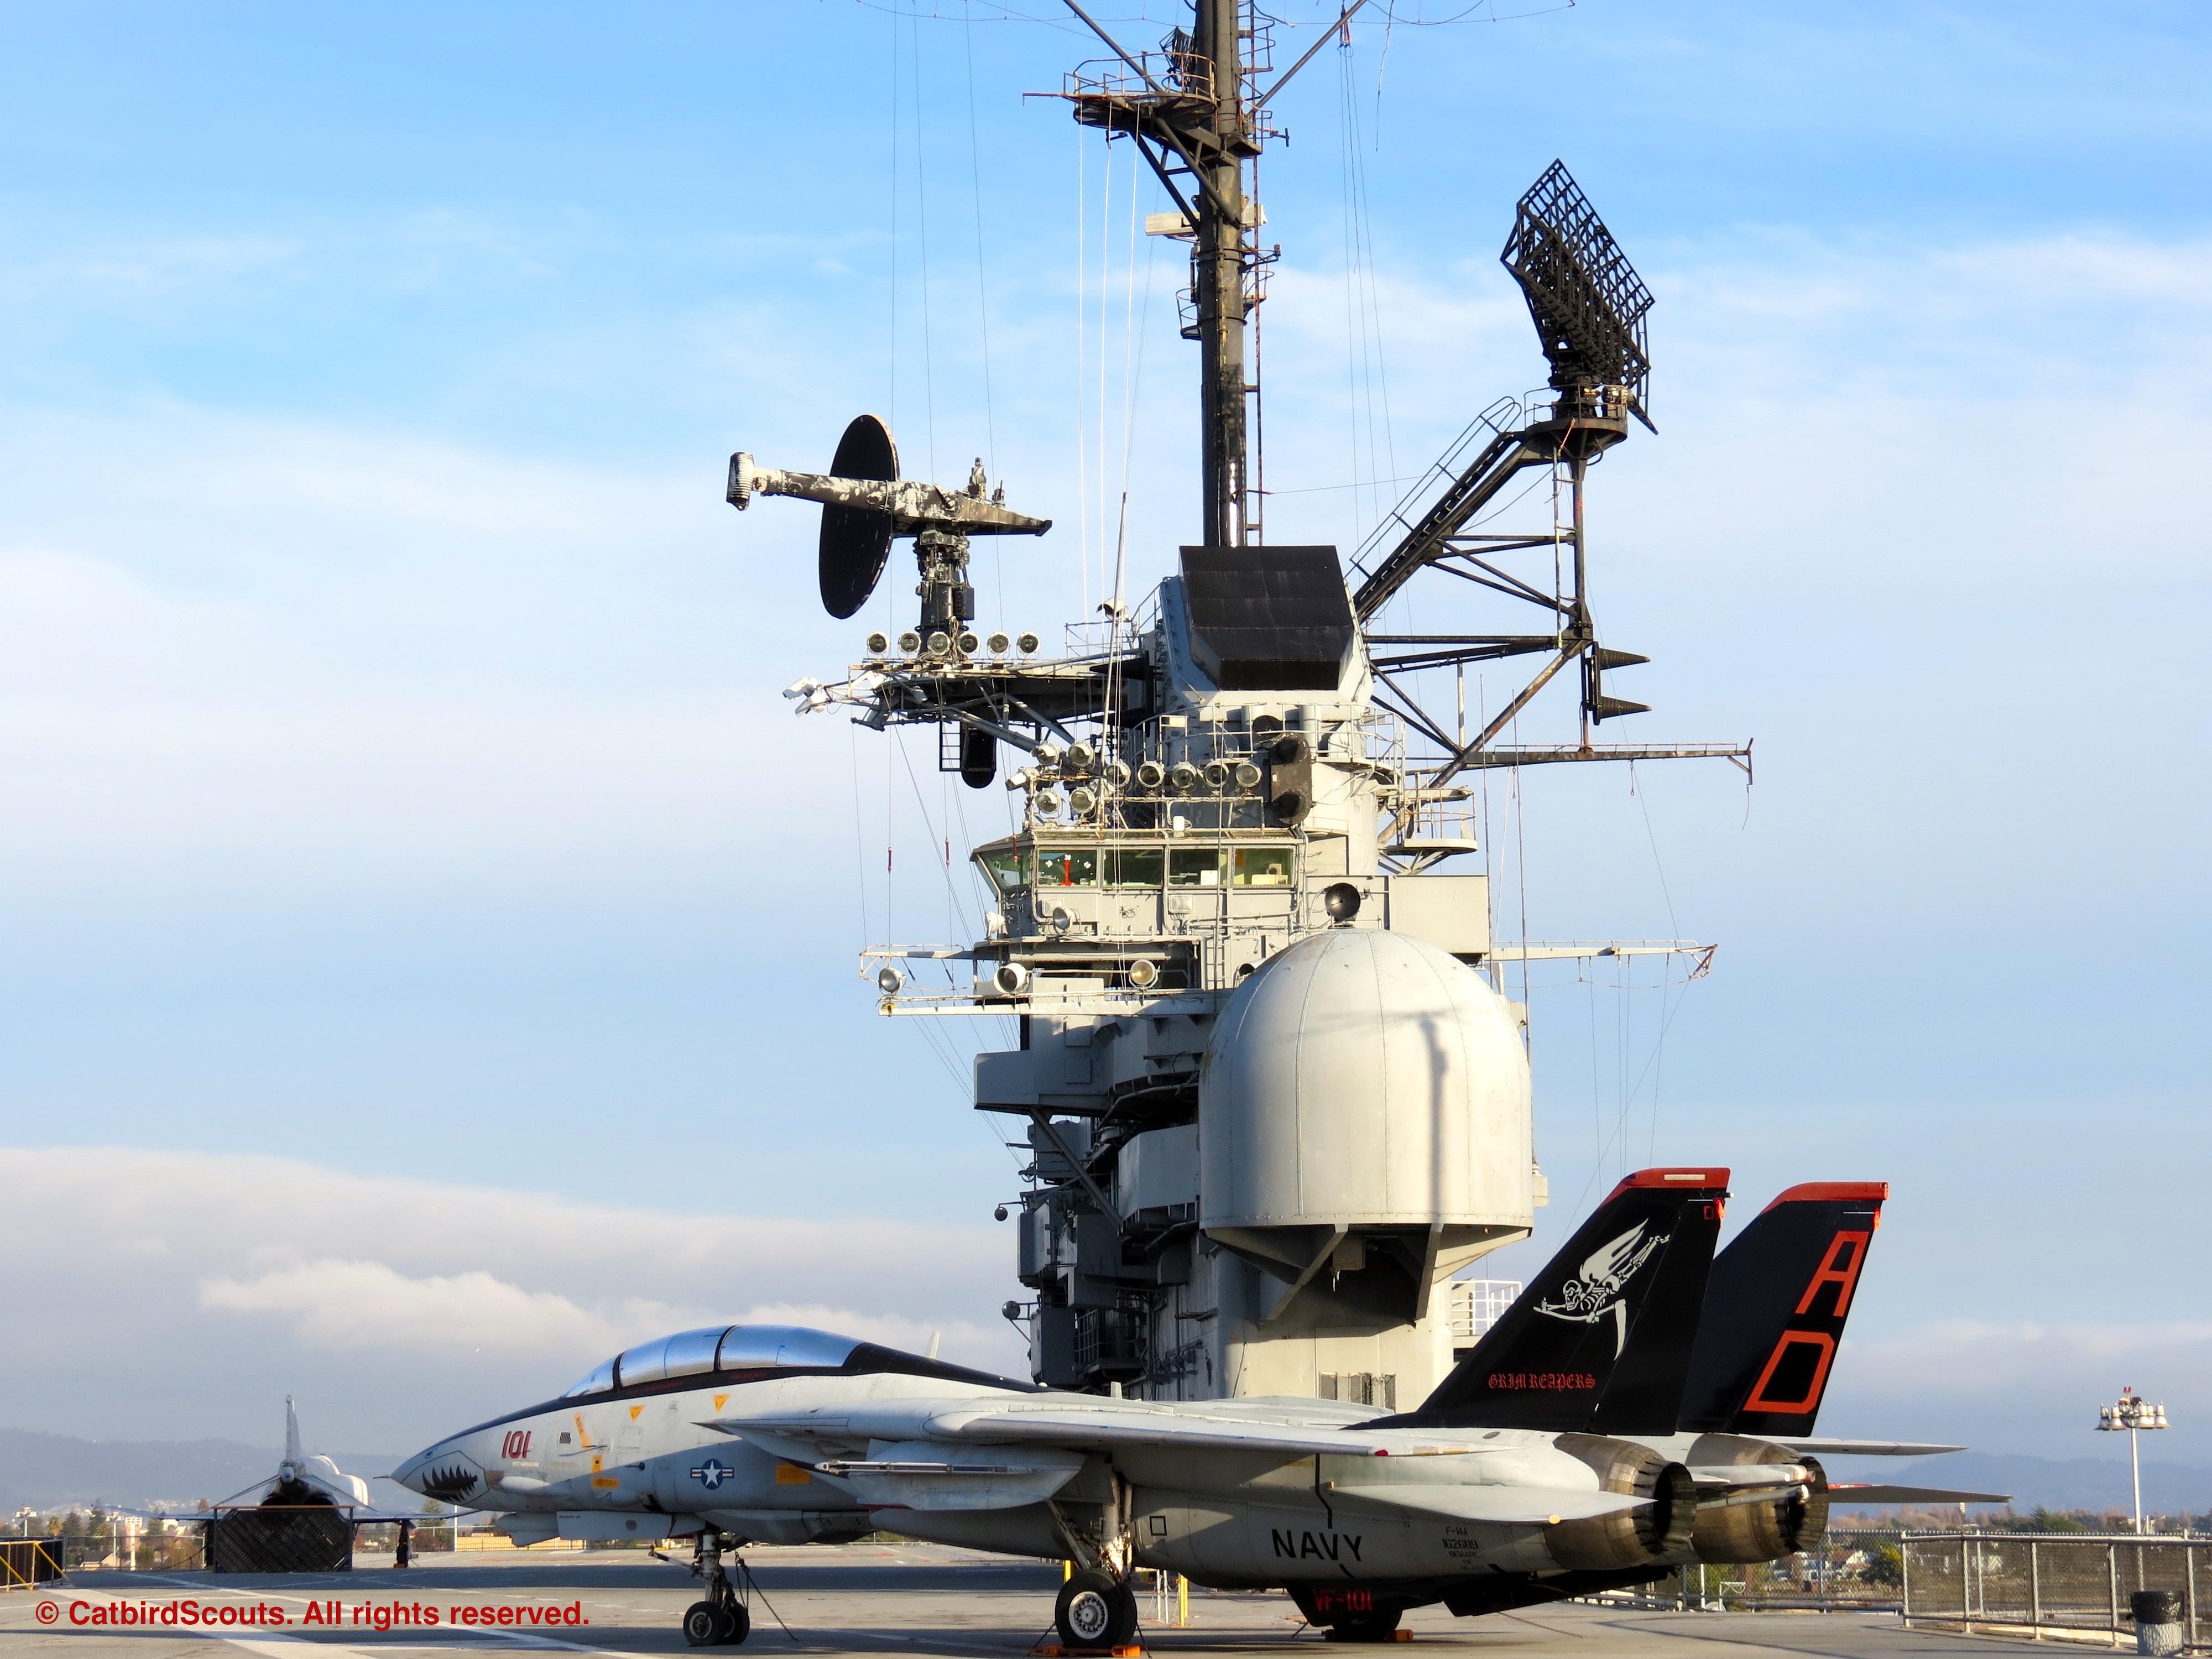 Hornet-on-Flight-Deck-Catbird-Scouts